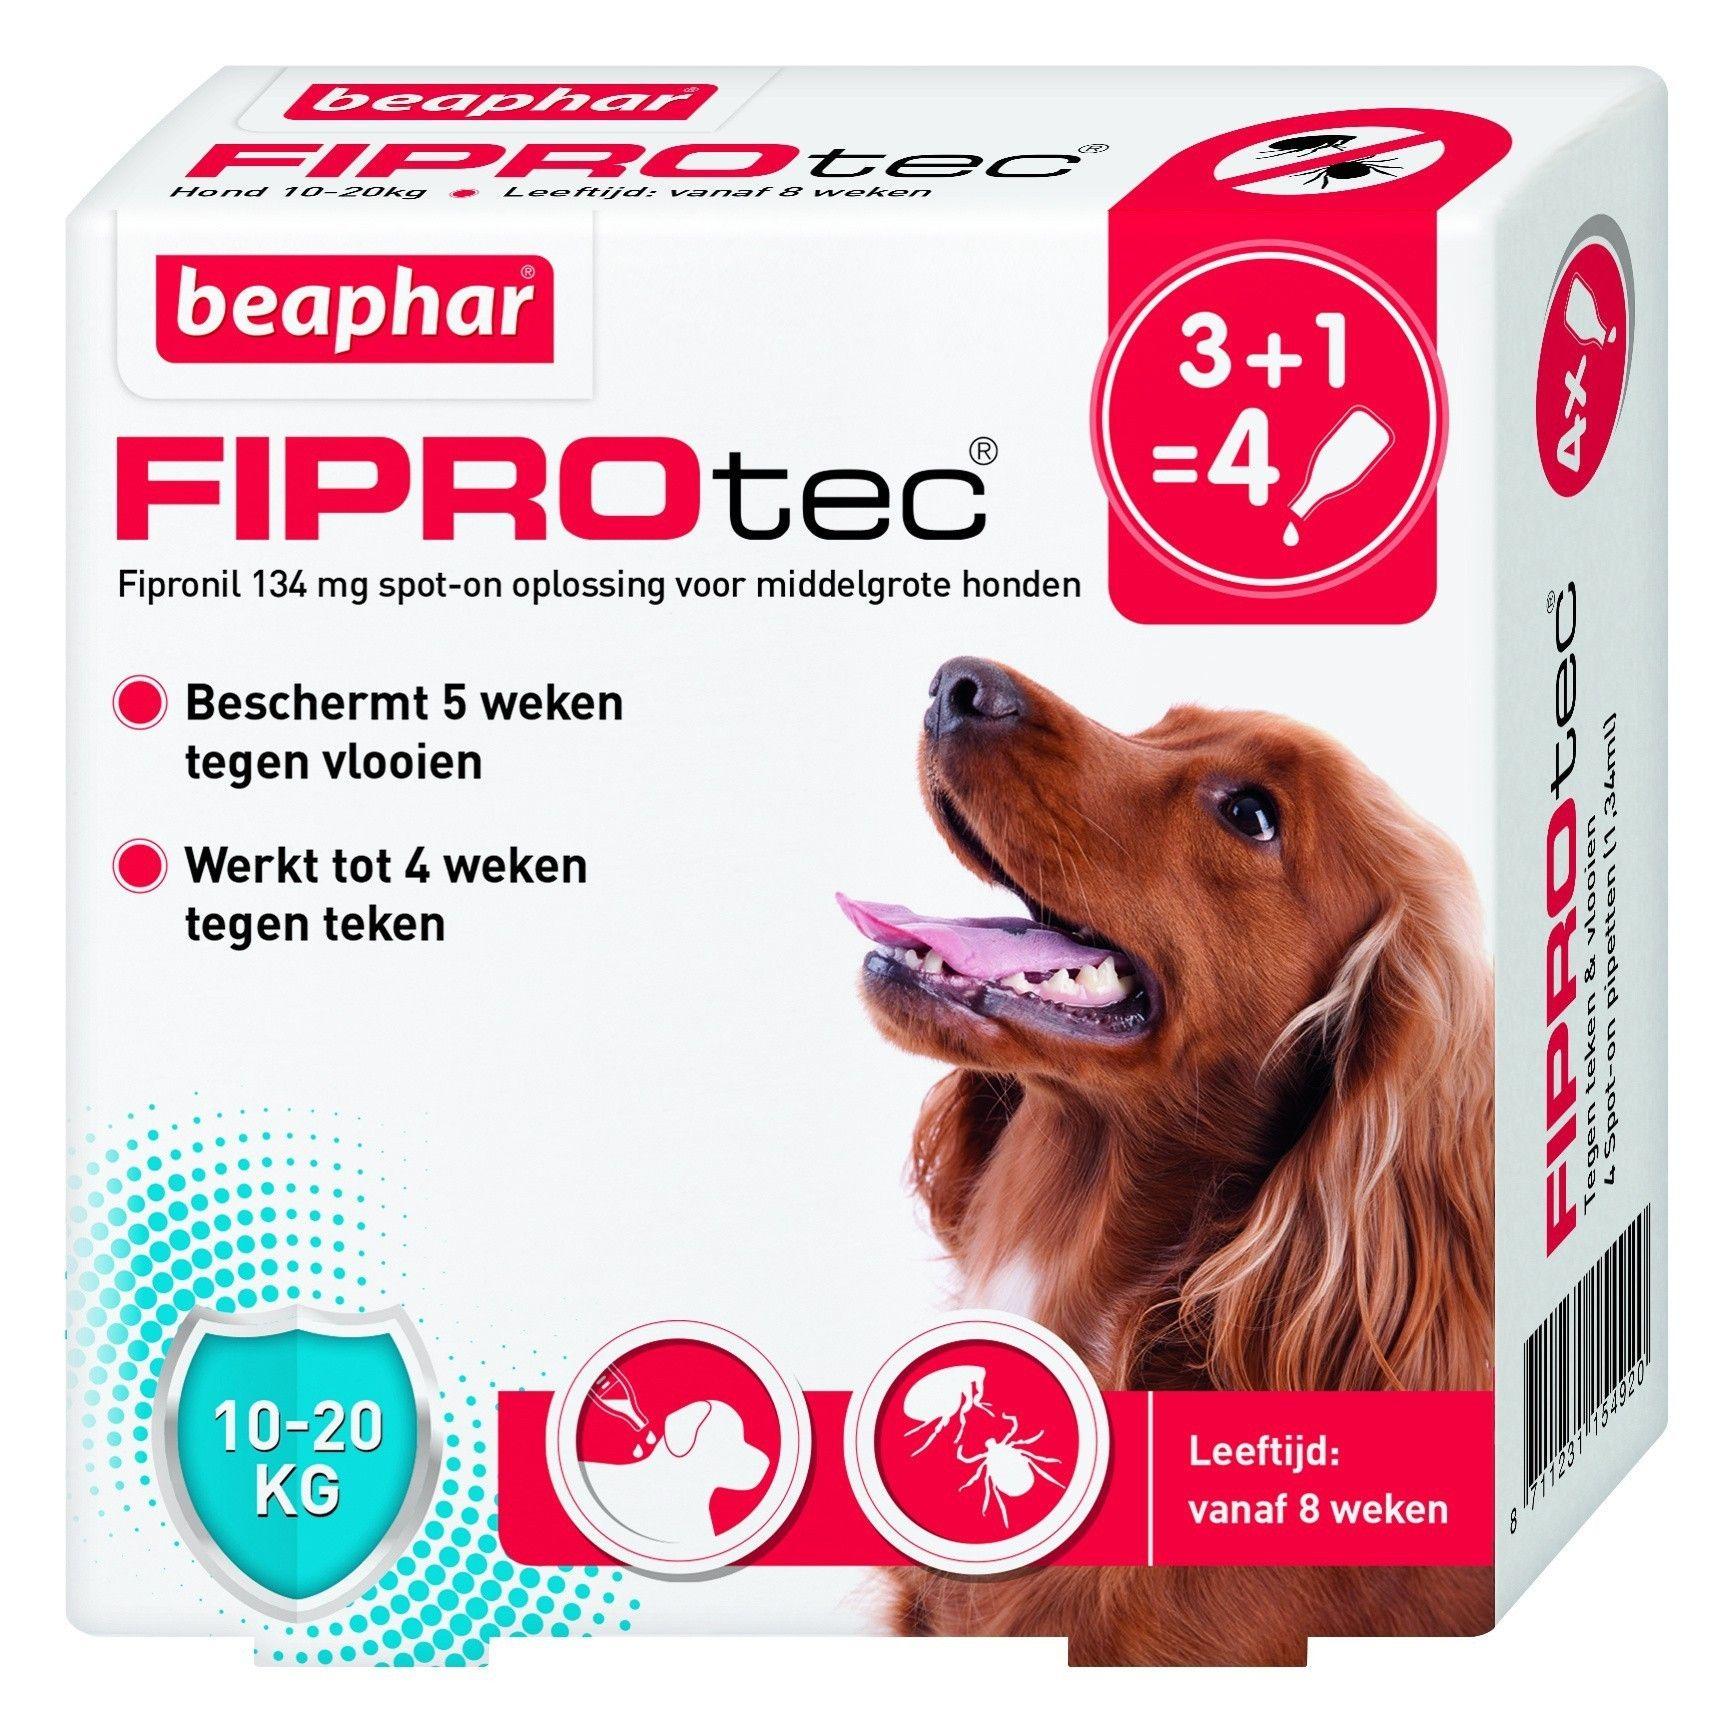 Beaphar Fiprotec hond vlooien/teken 10-20kg 4 pipet